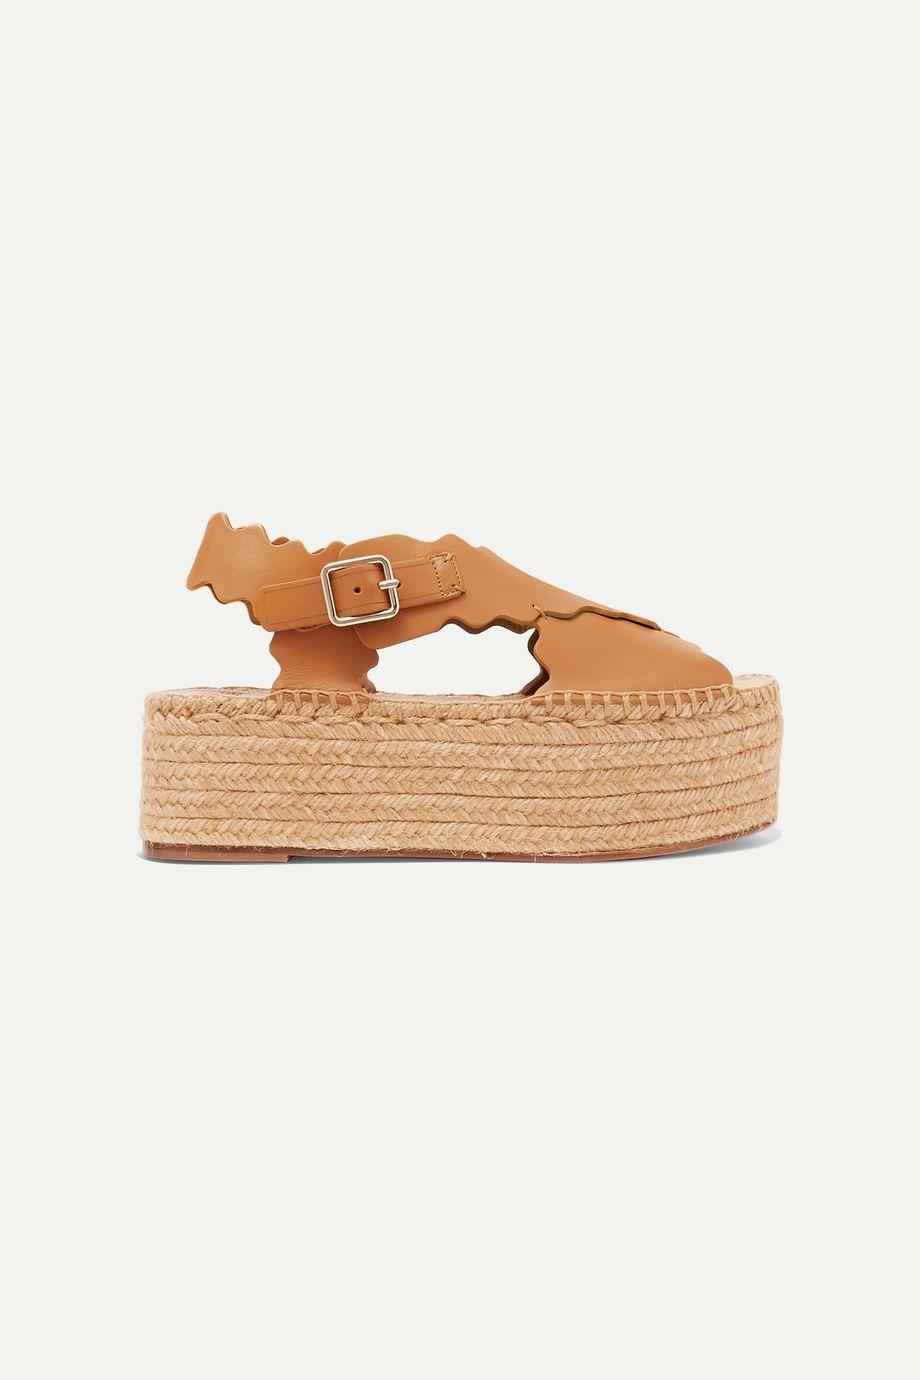 Chloé Lauren scalloped leather espadrille platform sandals